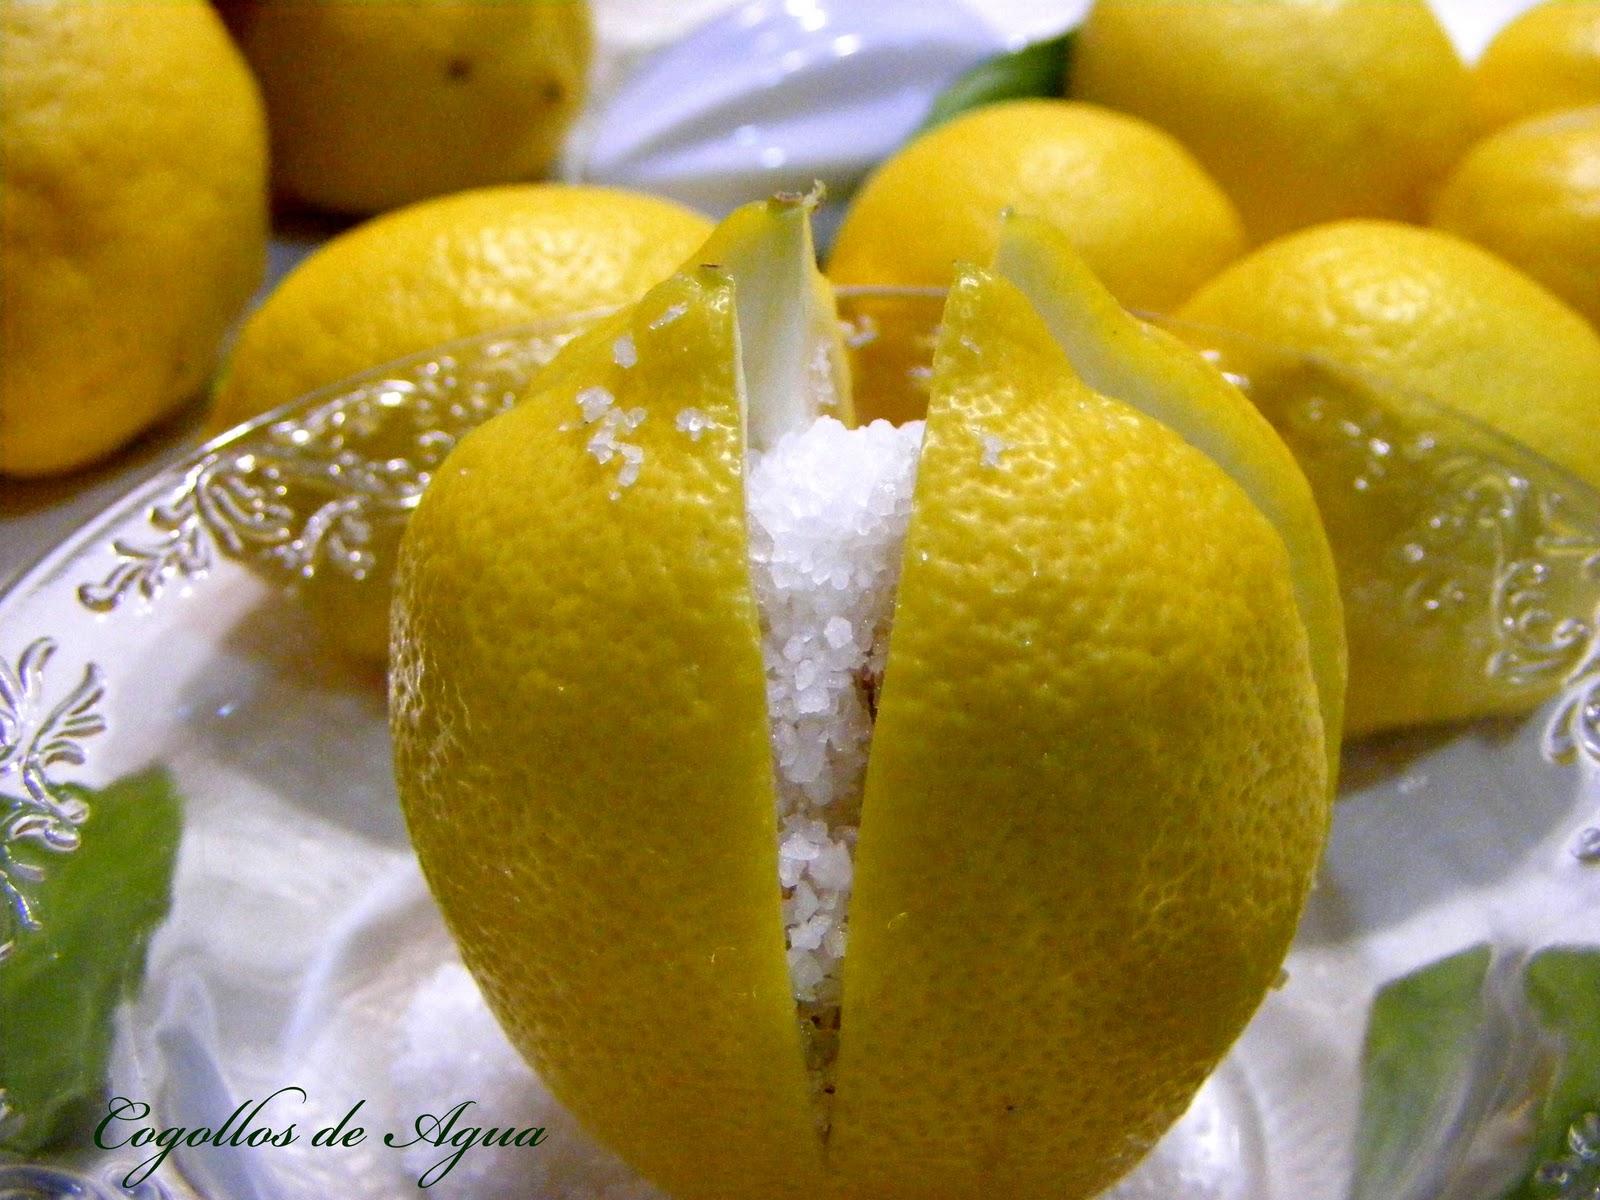 Ngeles amor elimina energias negativas con limones - Como alejar la mala vibra de una persona ...